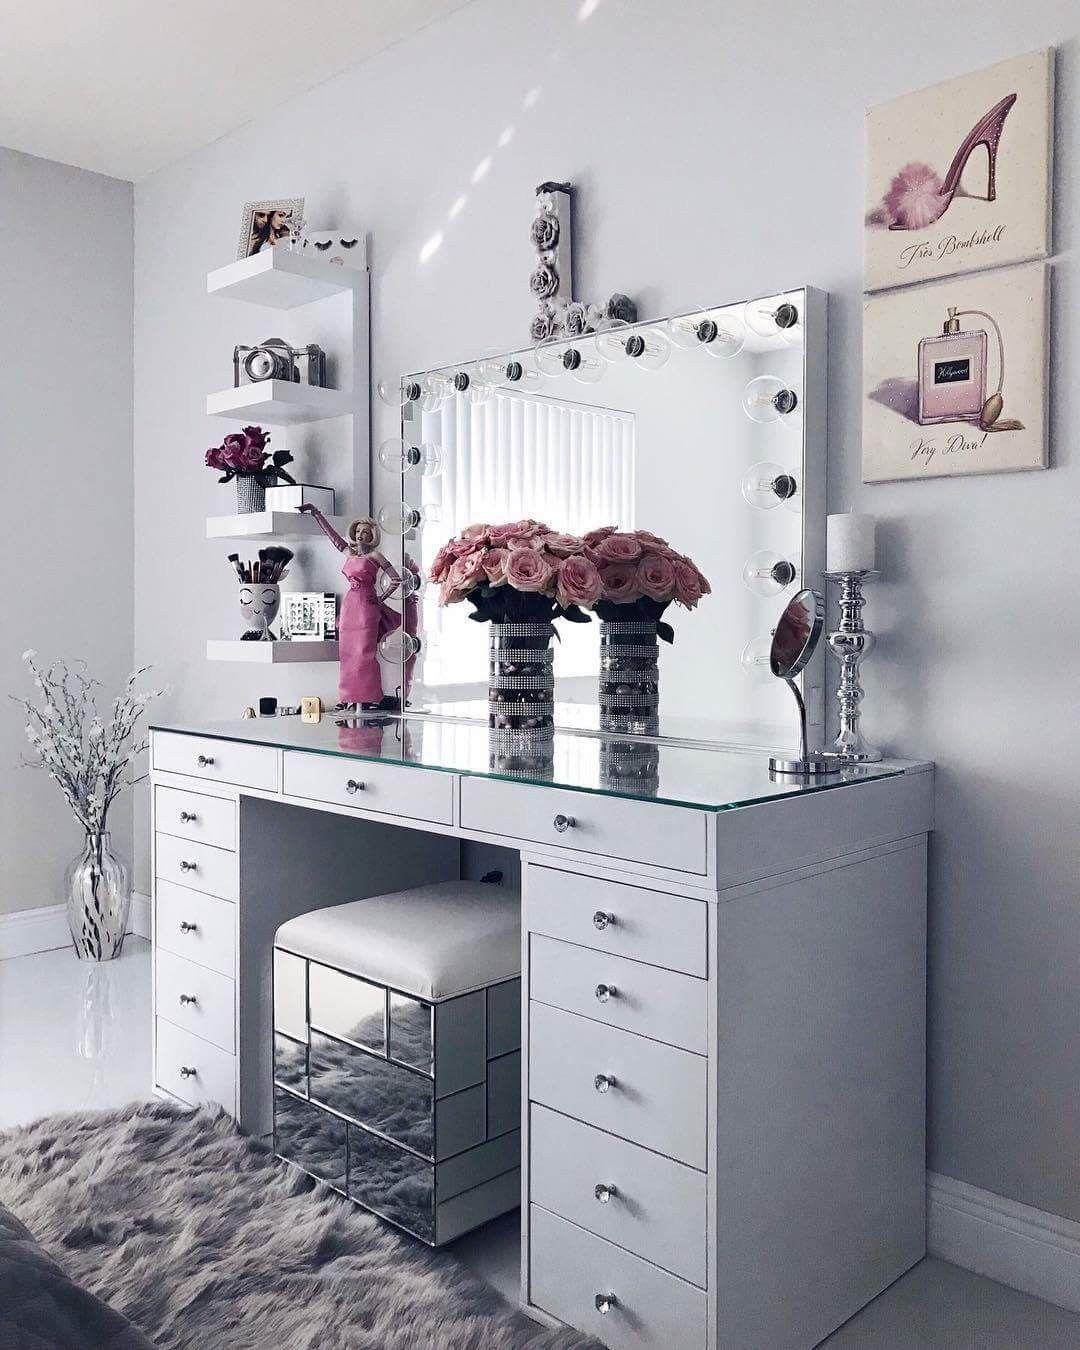 Schlafzimmer Ideen, Zukünftiges Haus, Ankleidezimmer, Schminktisch, Make Up  Eitelkeiten, Make Up Waschtisch, Makeup Organisation, Schminkzimmer, ...